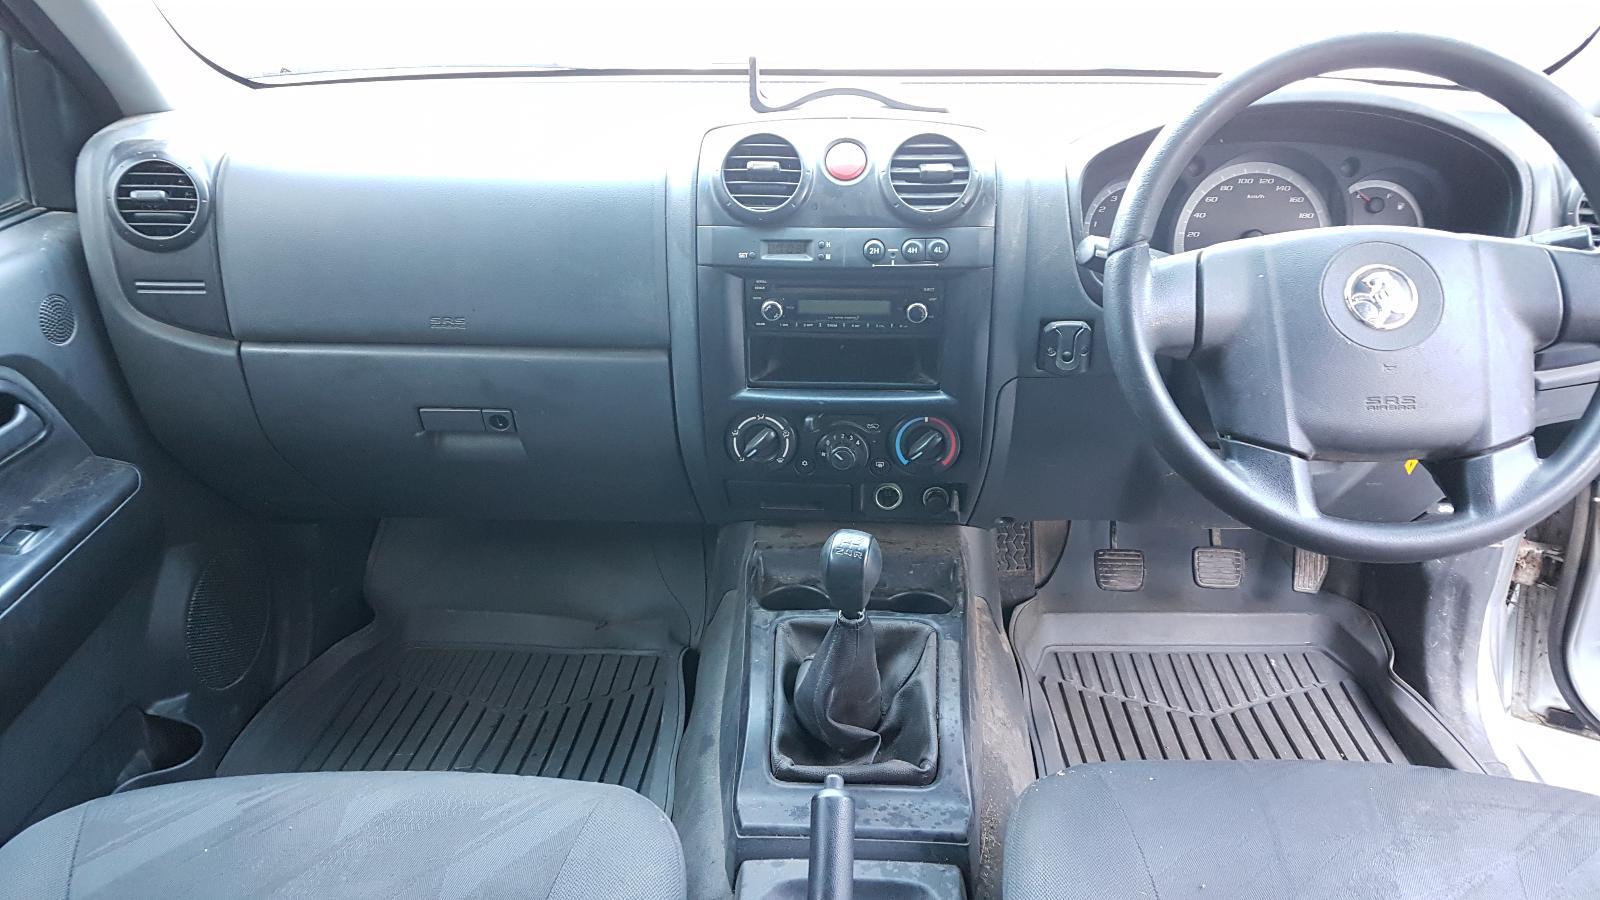 Image for a Holden Colorado 2009 4 Door Suv